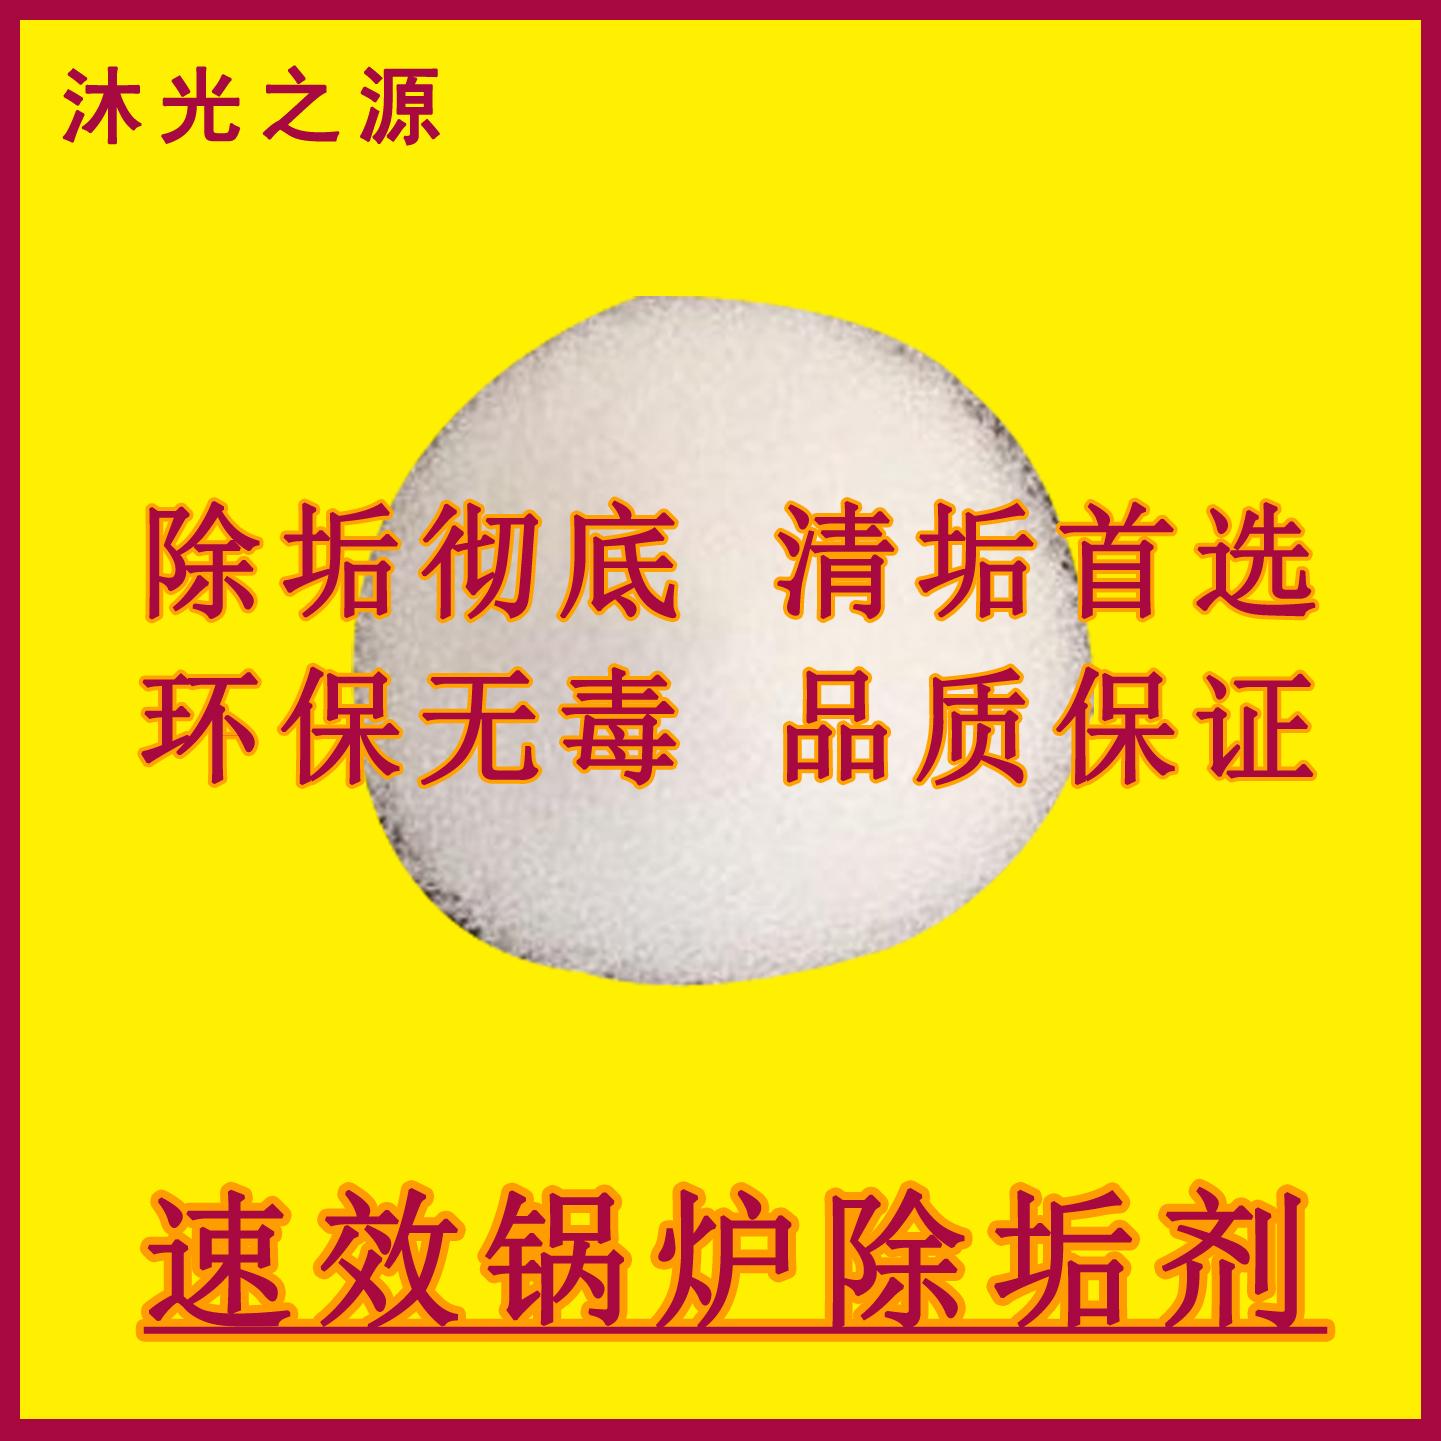 除垢剂空调管道水垢清洁剂换热器水垢清除剂地暖水垢去太阳能清洗